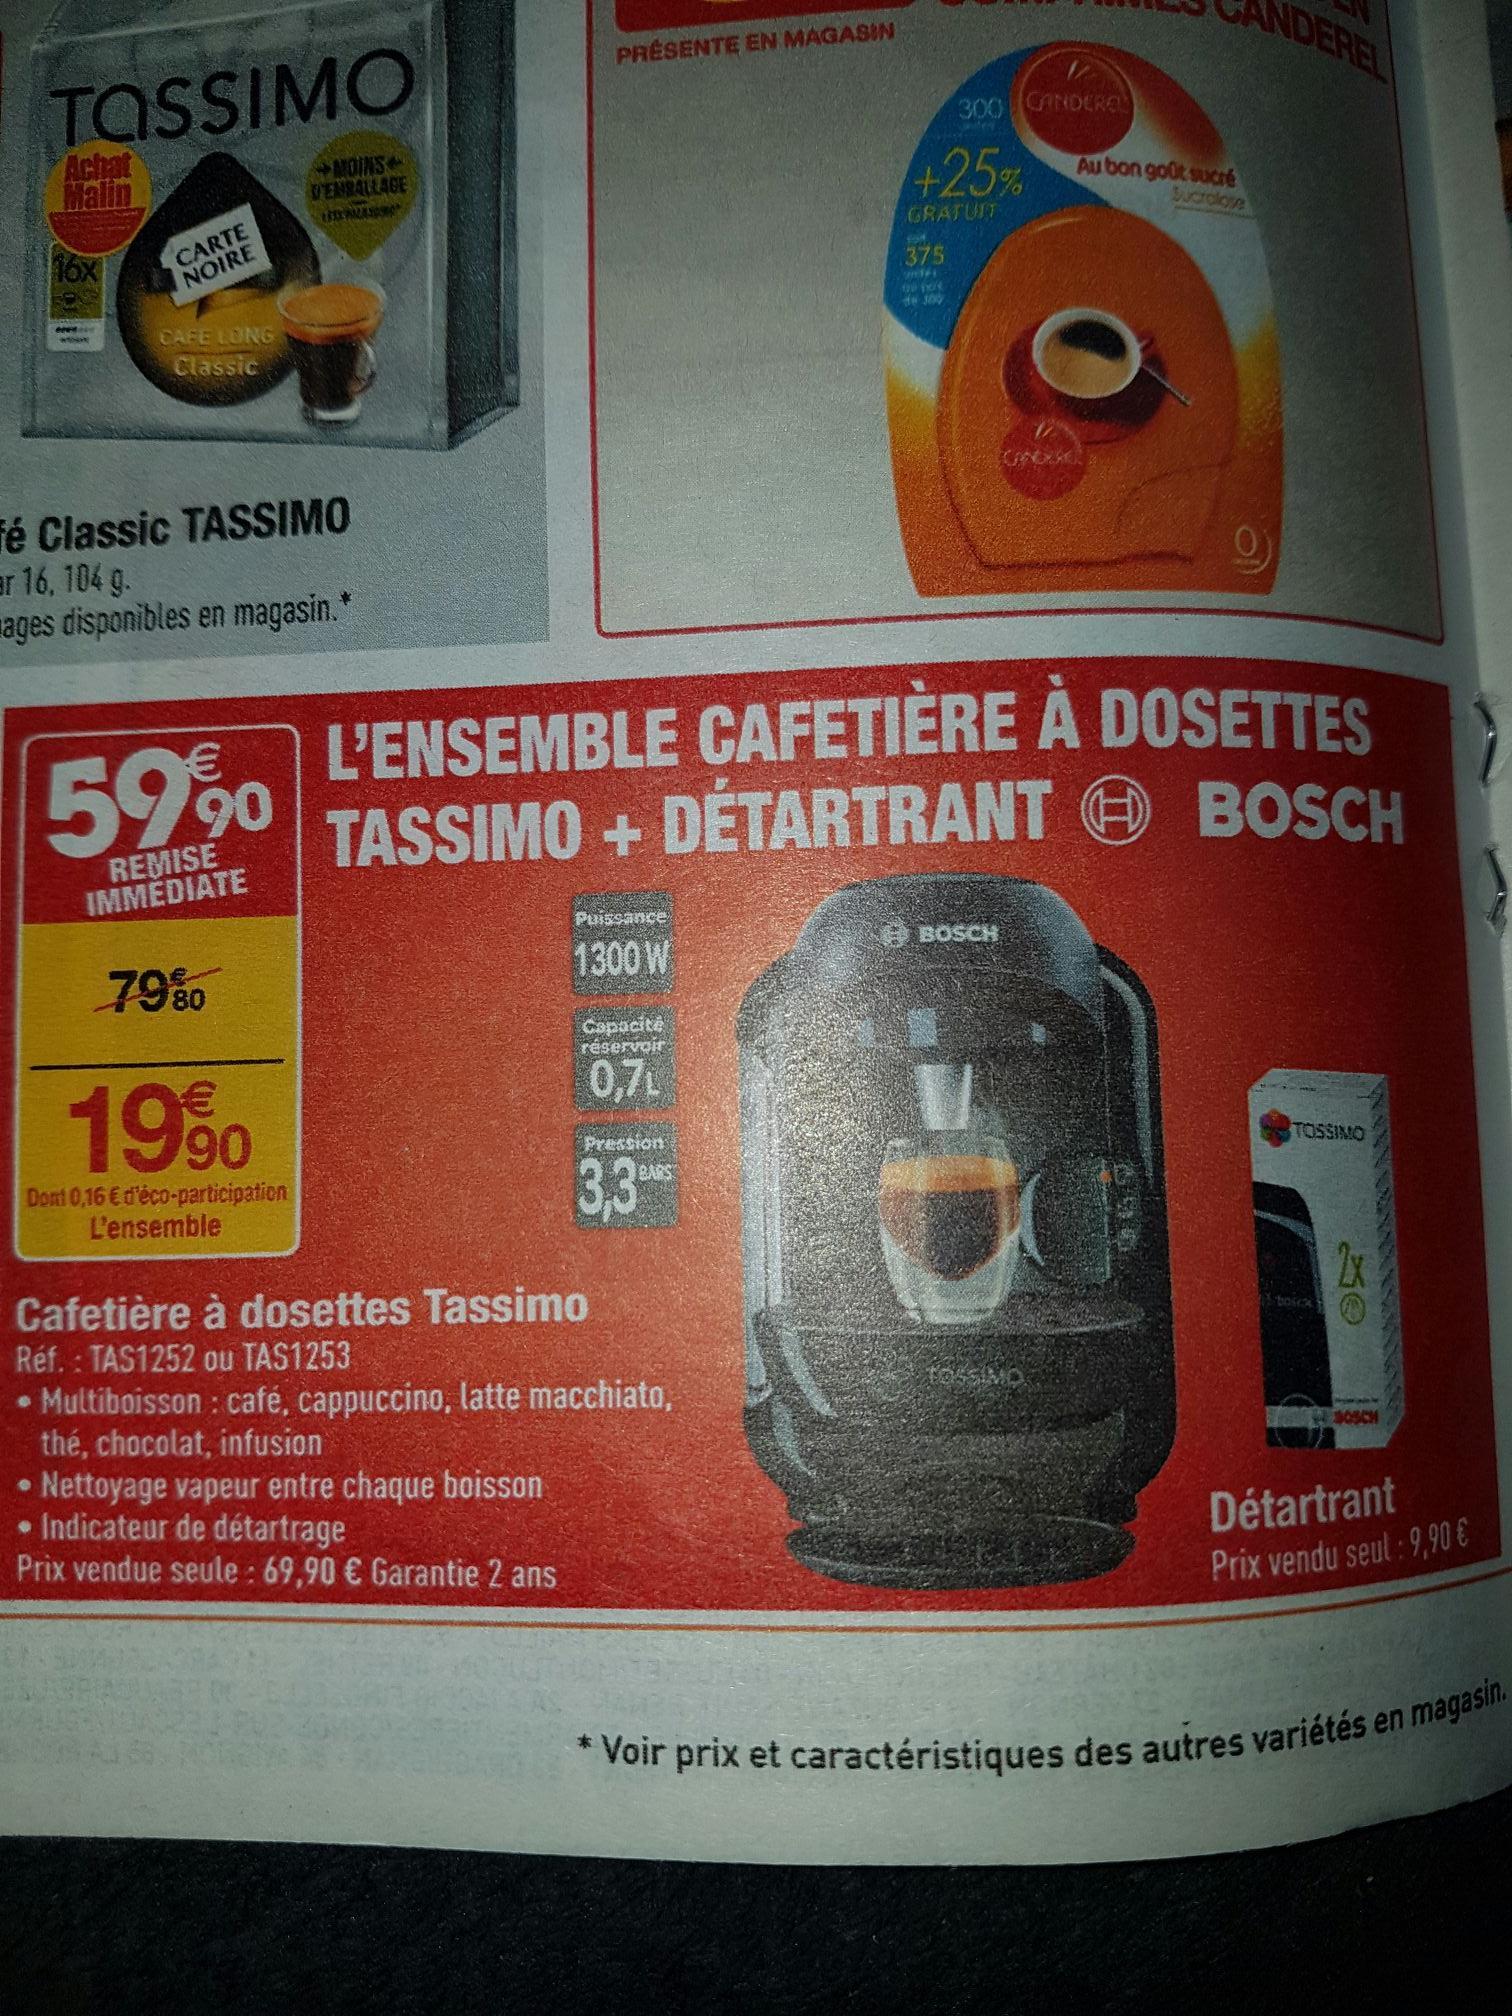 Sélection de produits en promotion - Ex: Cafetière à dosettes Bosch Tassimo (Noir) + Détartrant